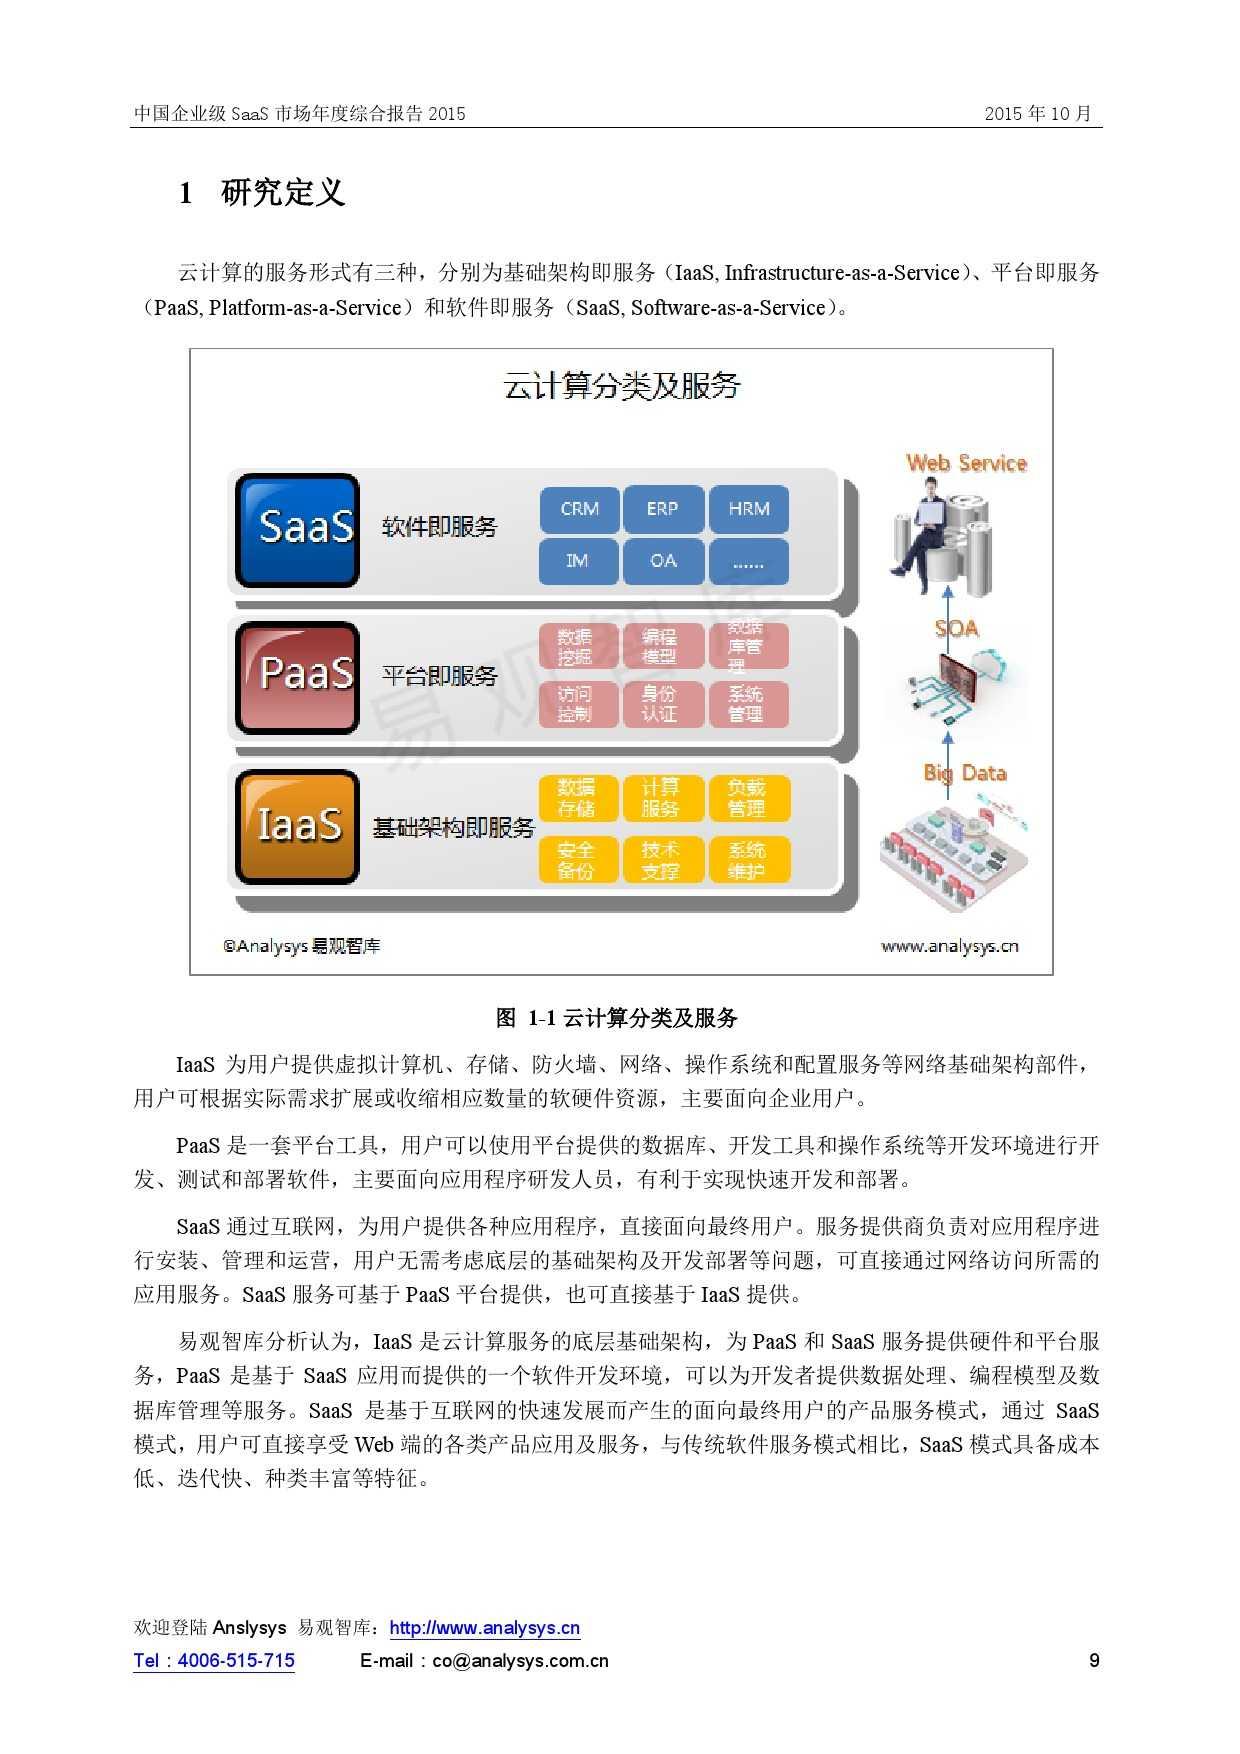 中国企业级SaaS市场年度综合报告2015 01_000009